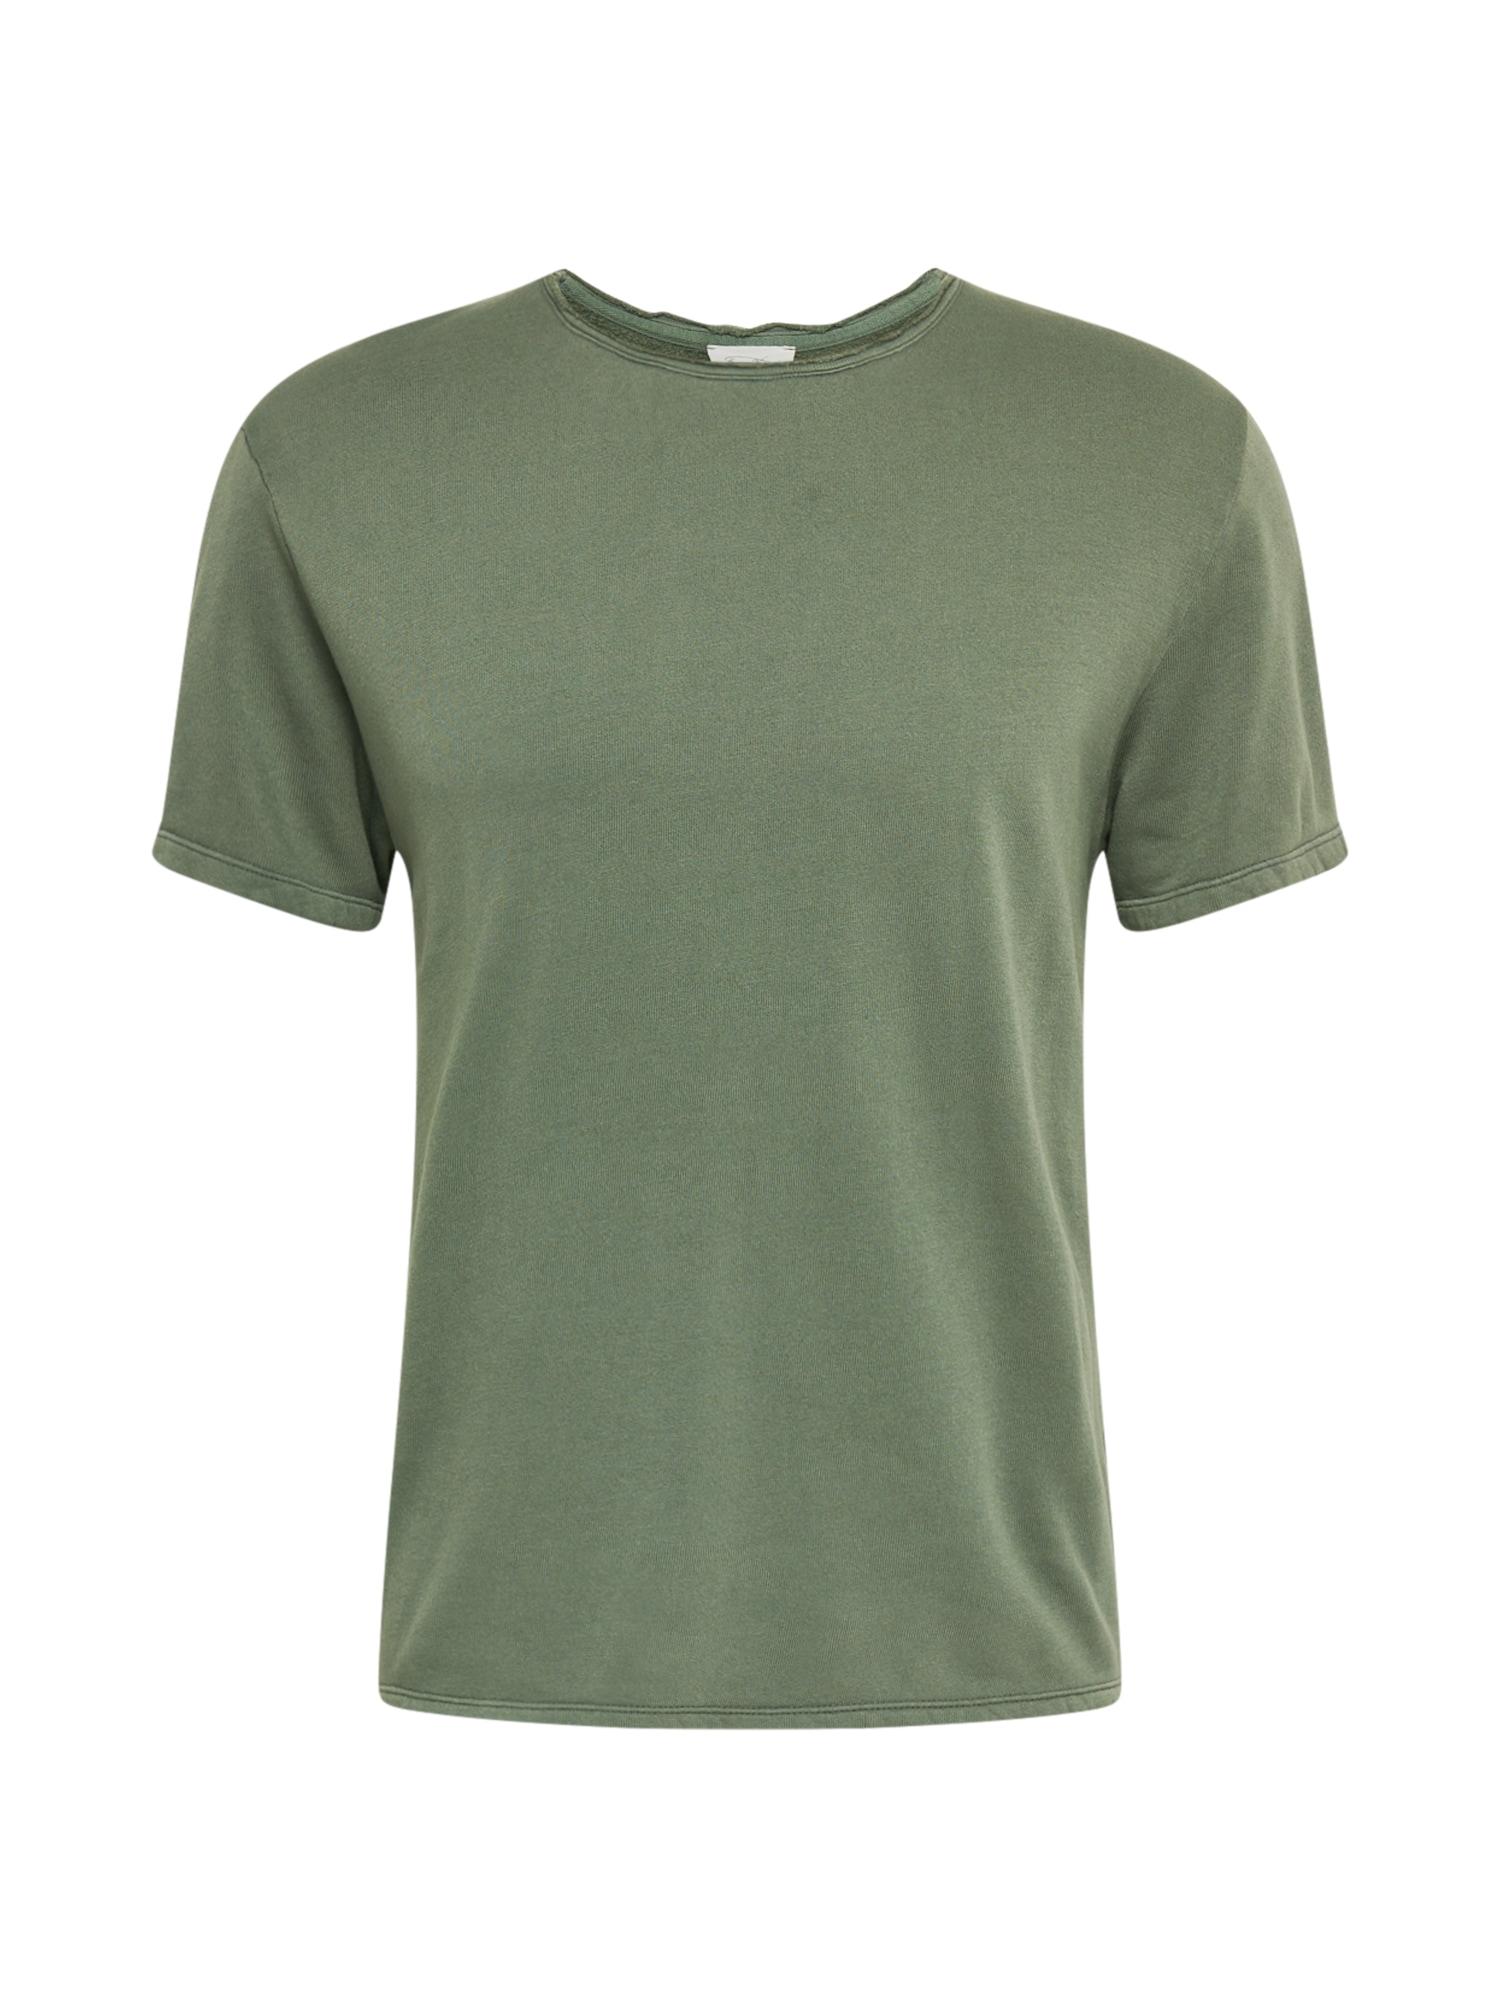 AMERICAN VINTAGE Marškinėliai 'RETBURG' žalia